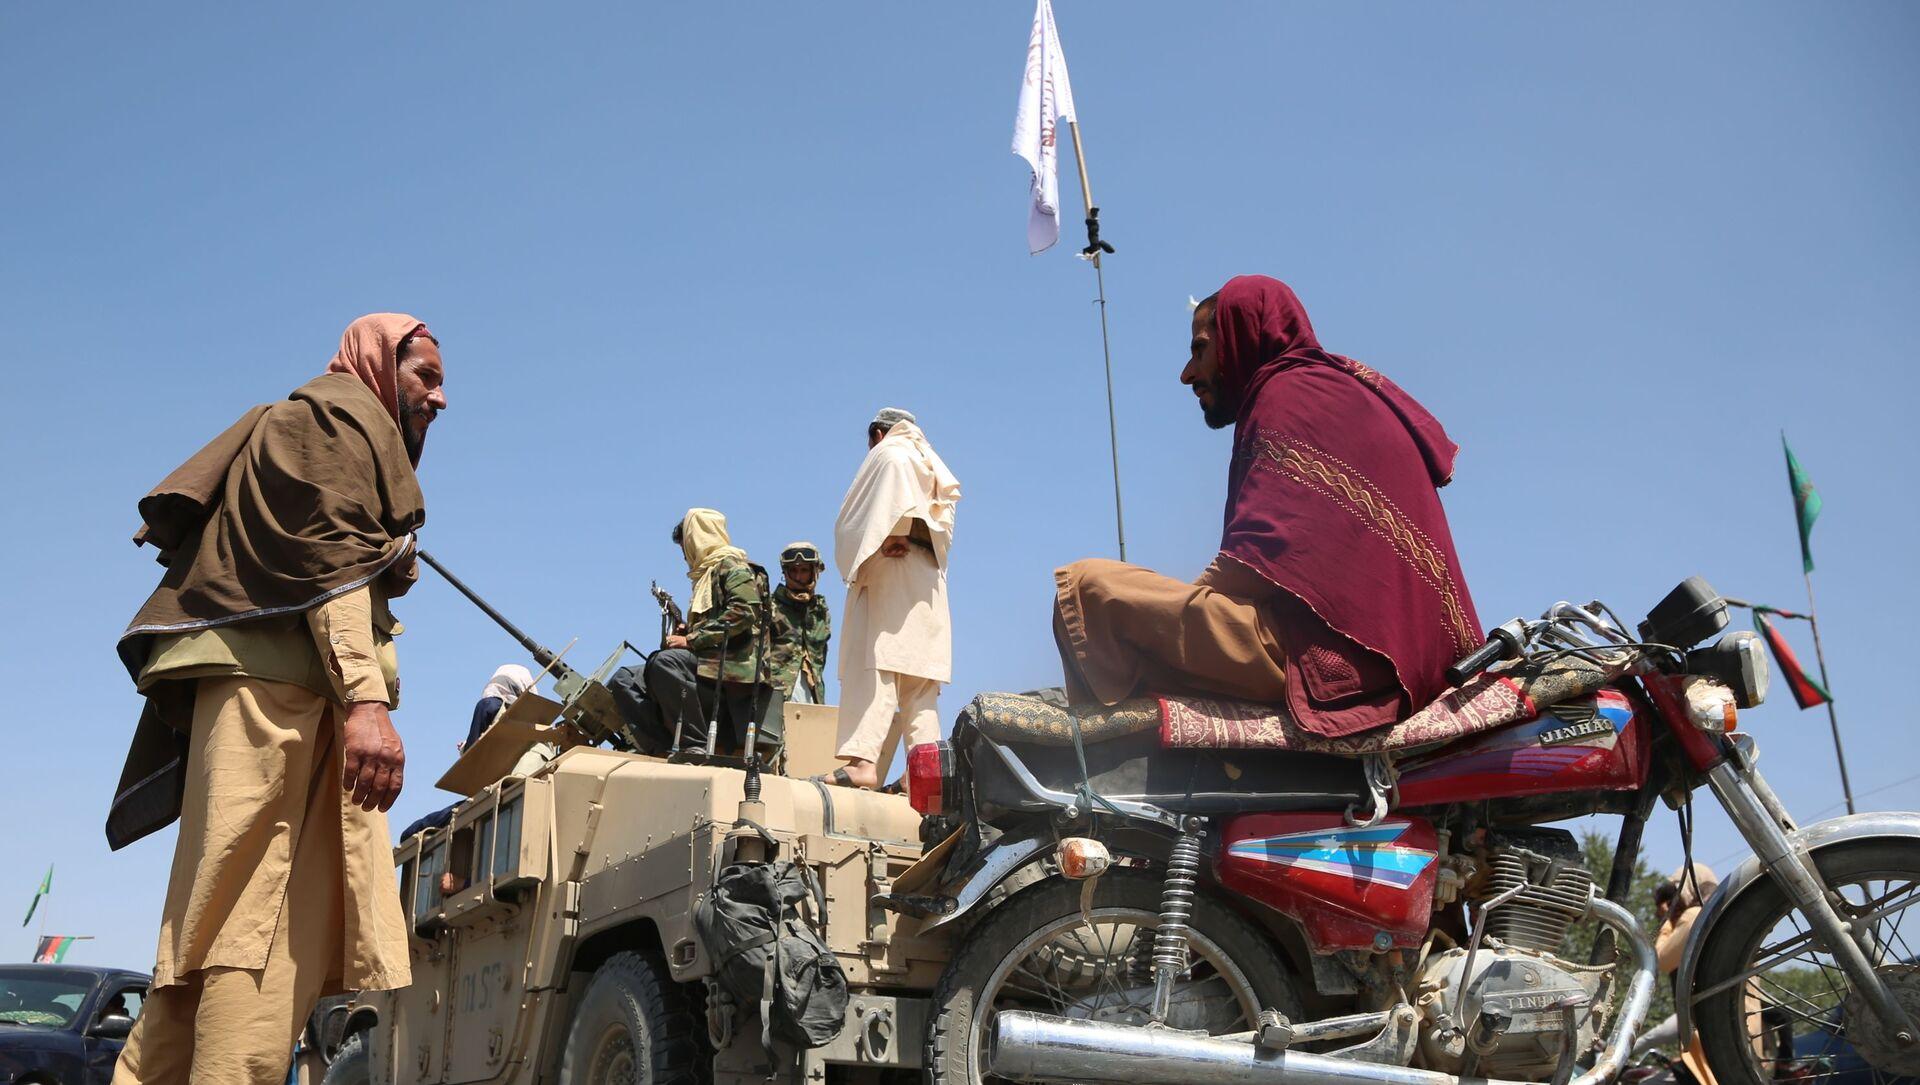 Situation en Afghanistan après le retour des talibans au pouvoir, août 2021 - Sputnik France, 1920, 09.09.2021